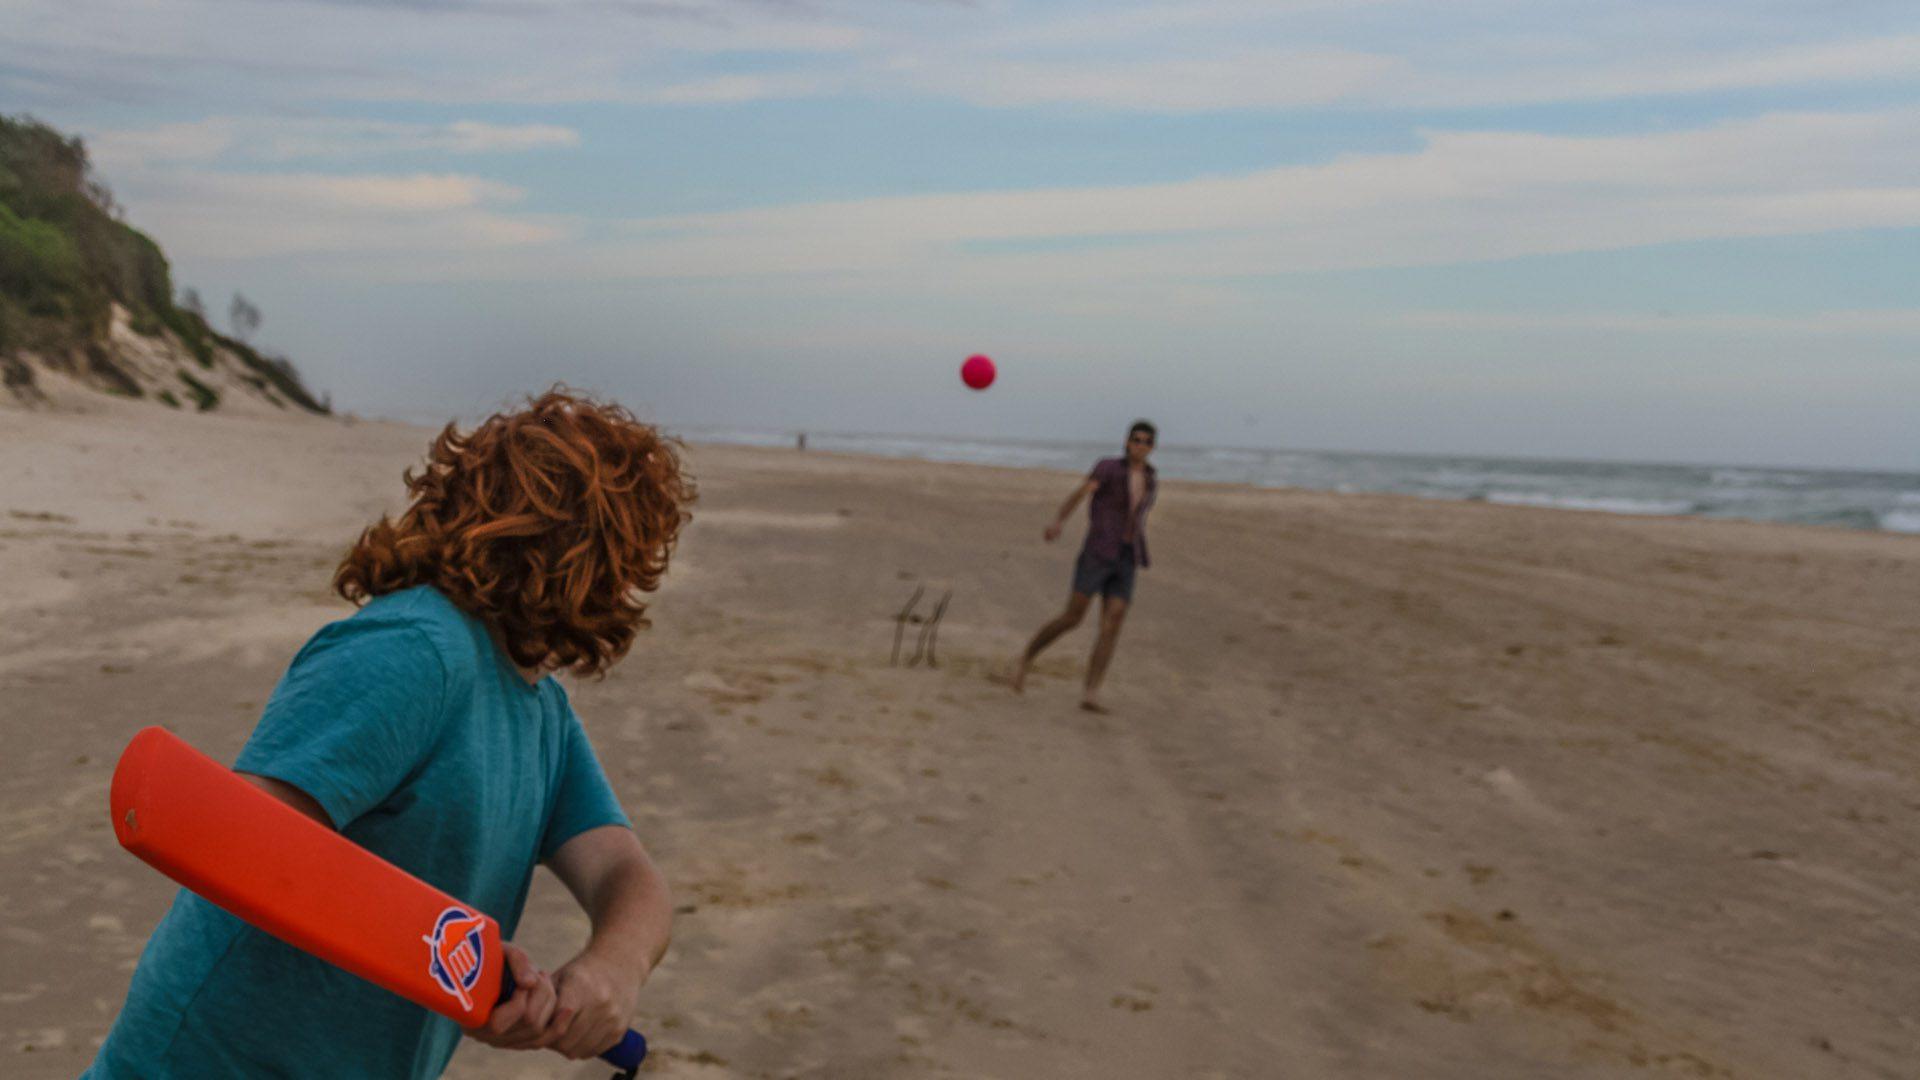 ocean beach fun